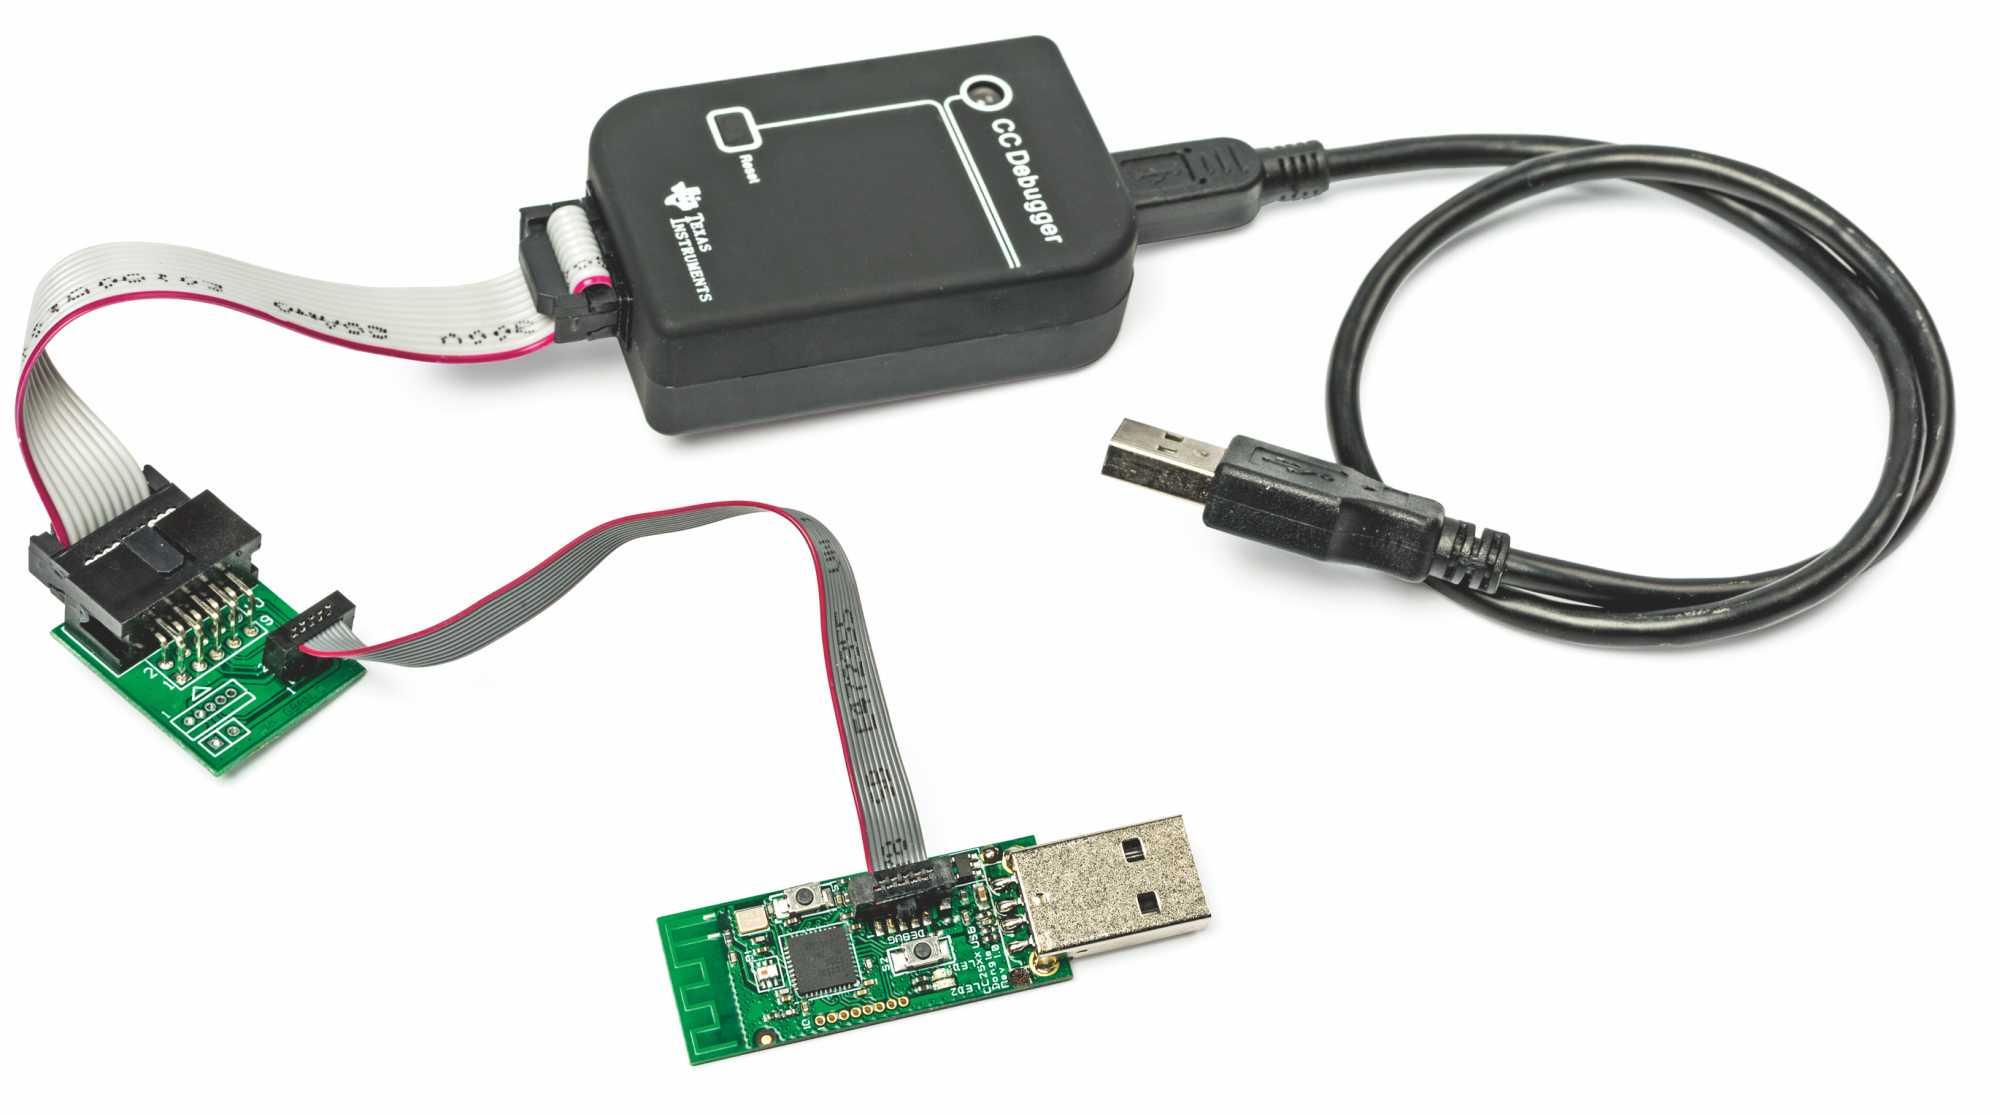 Mit einem Raspi und dem abgebildeten Zigbee-Stick kann man praktisch jedes Zigbee-Gerät steuern. Egal ob Lampe oder Temperaturfühler.